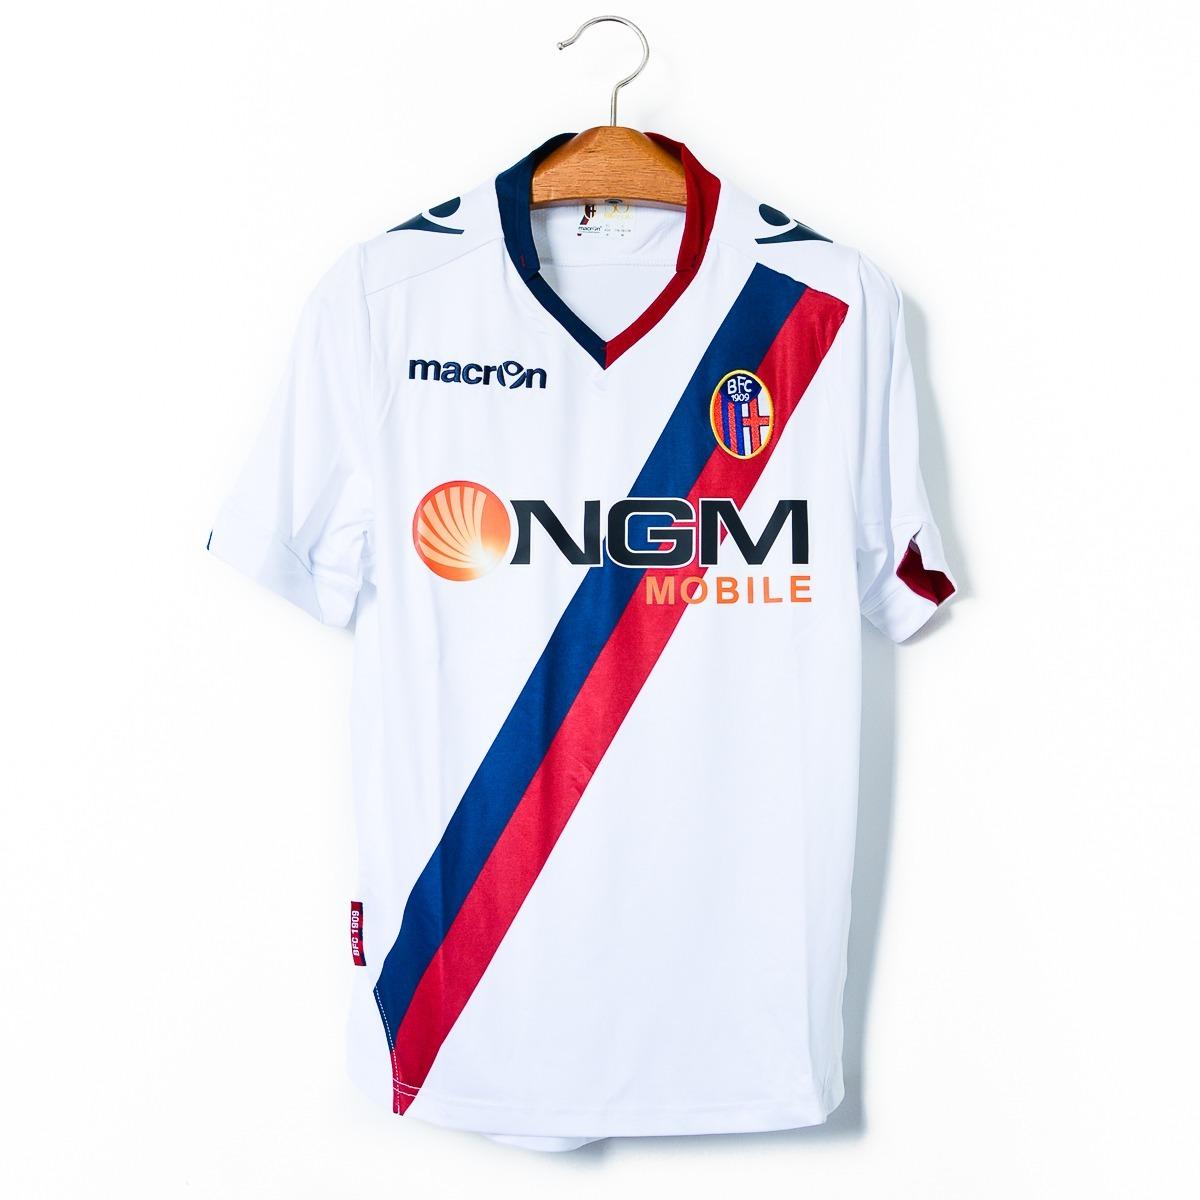 cd3f54ba81 camisas masculinas futebol bologna fc 1909 2013 14 macron. Carregando zoom.